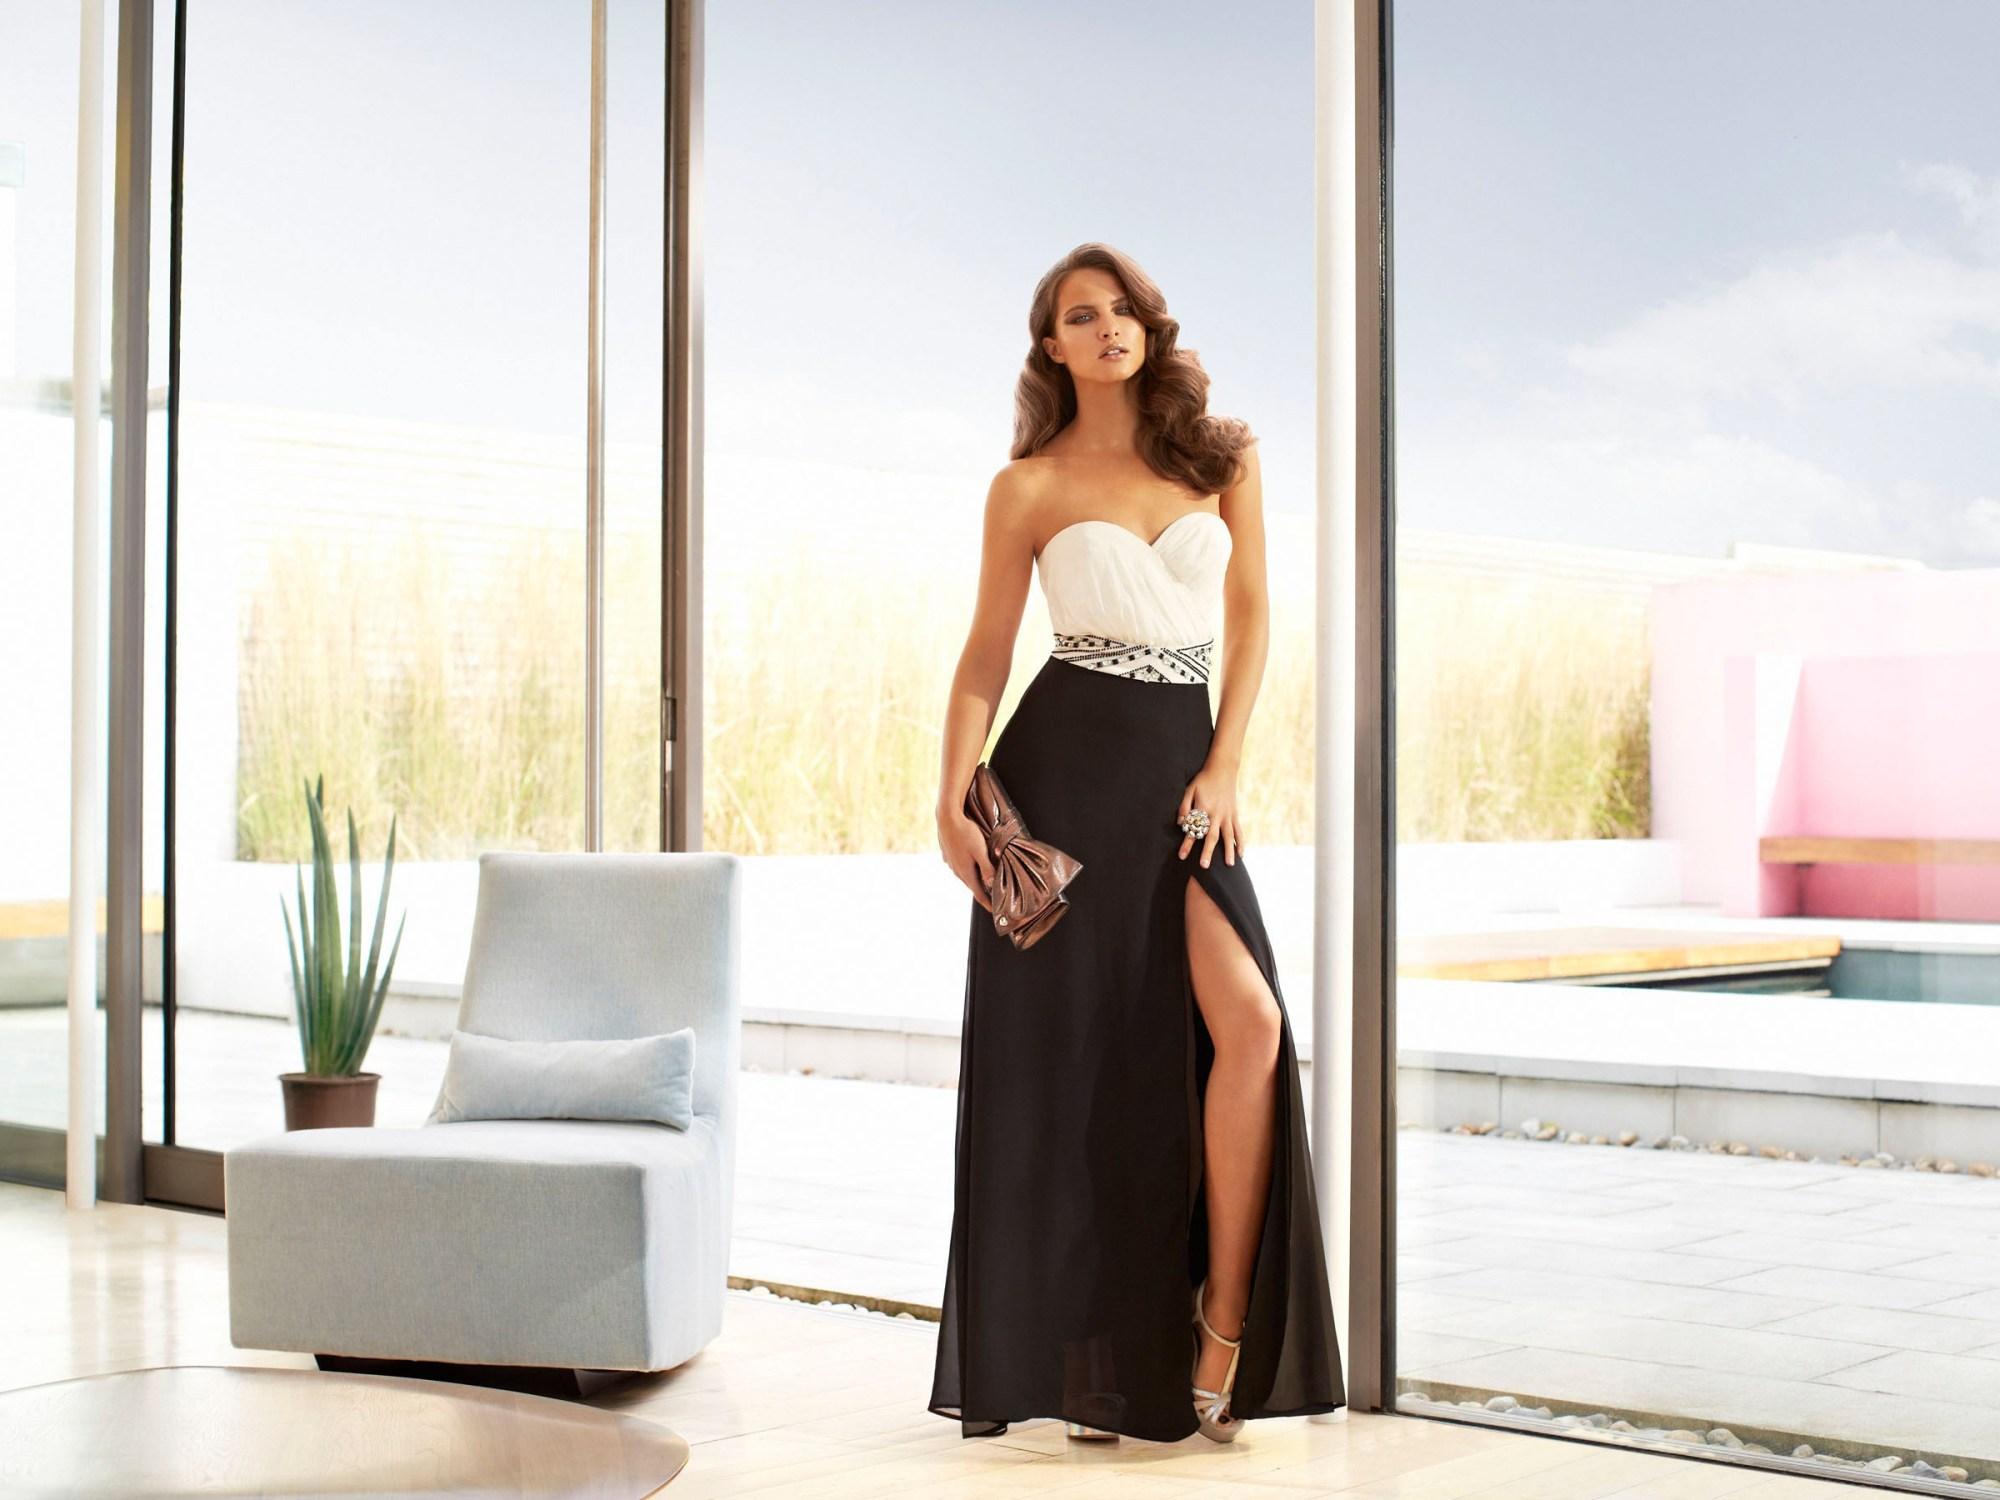 Retail Group of America (RGA) Diseña linea europea de moda.